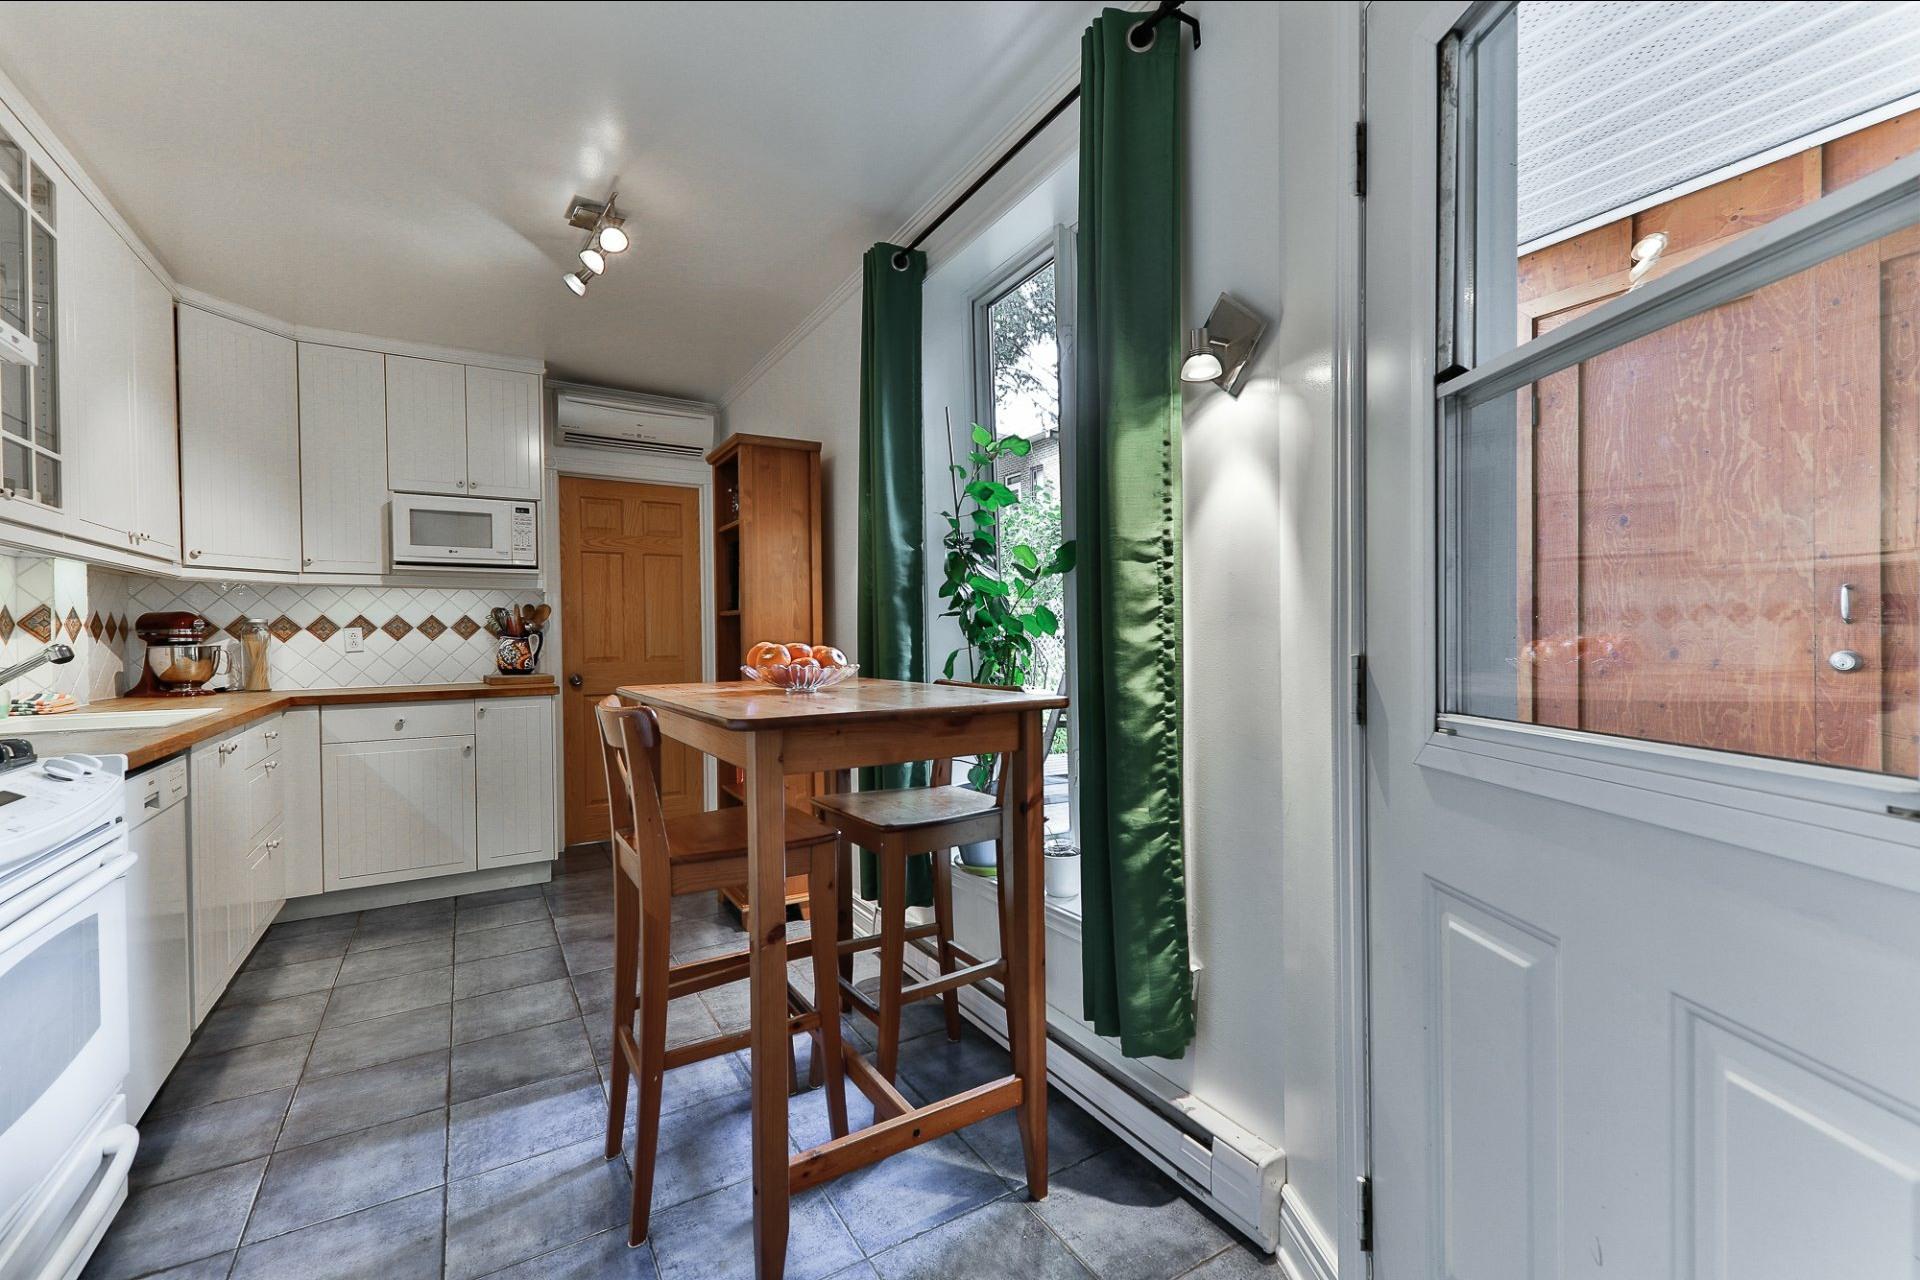 image 18 - Appartement À vendre Le Plateau-Mont-Royal Montréal  - 7 pièces